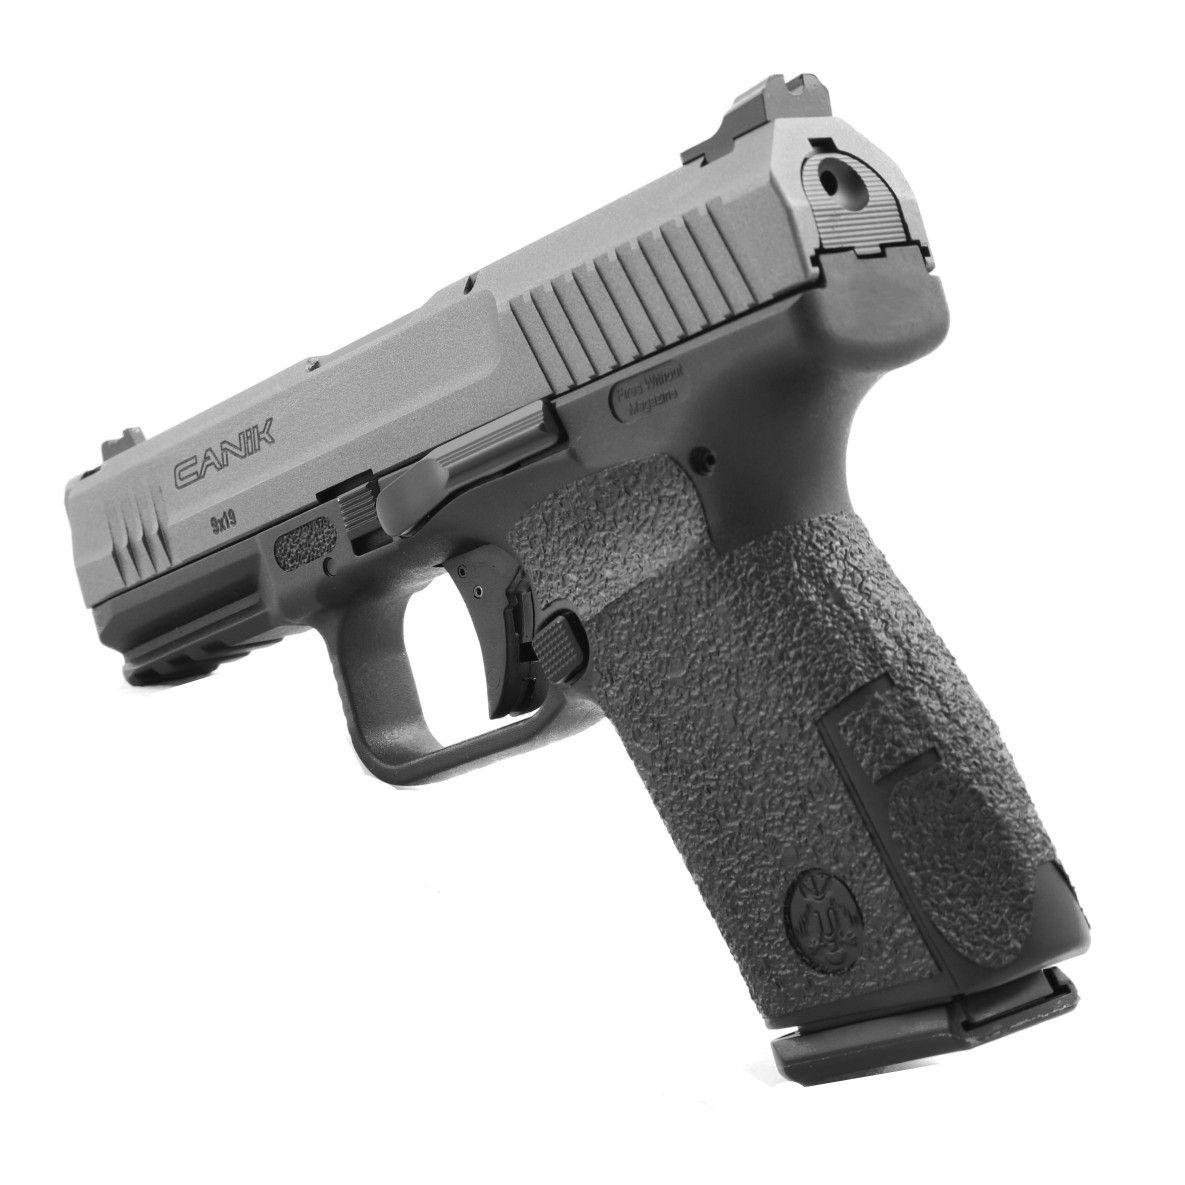 Grips for Canik TP9SF Elite | Talons | Hand guns, Tp9sf elite, Guns